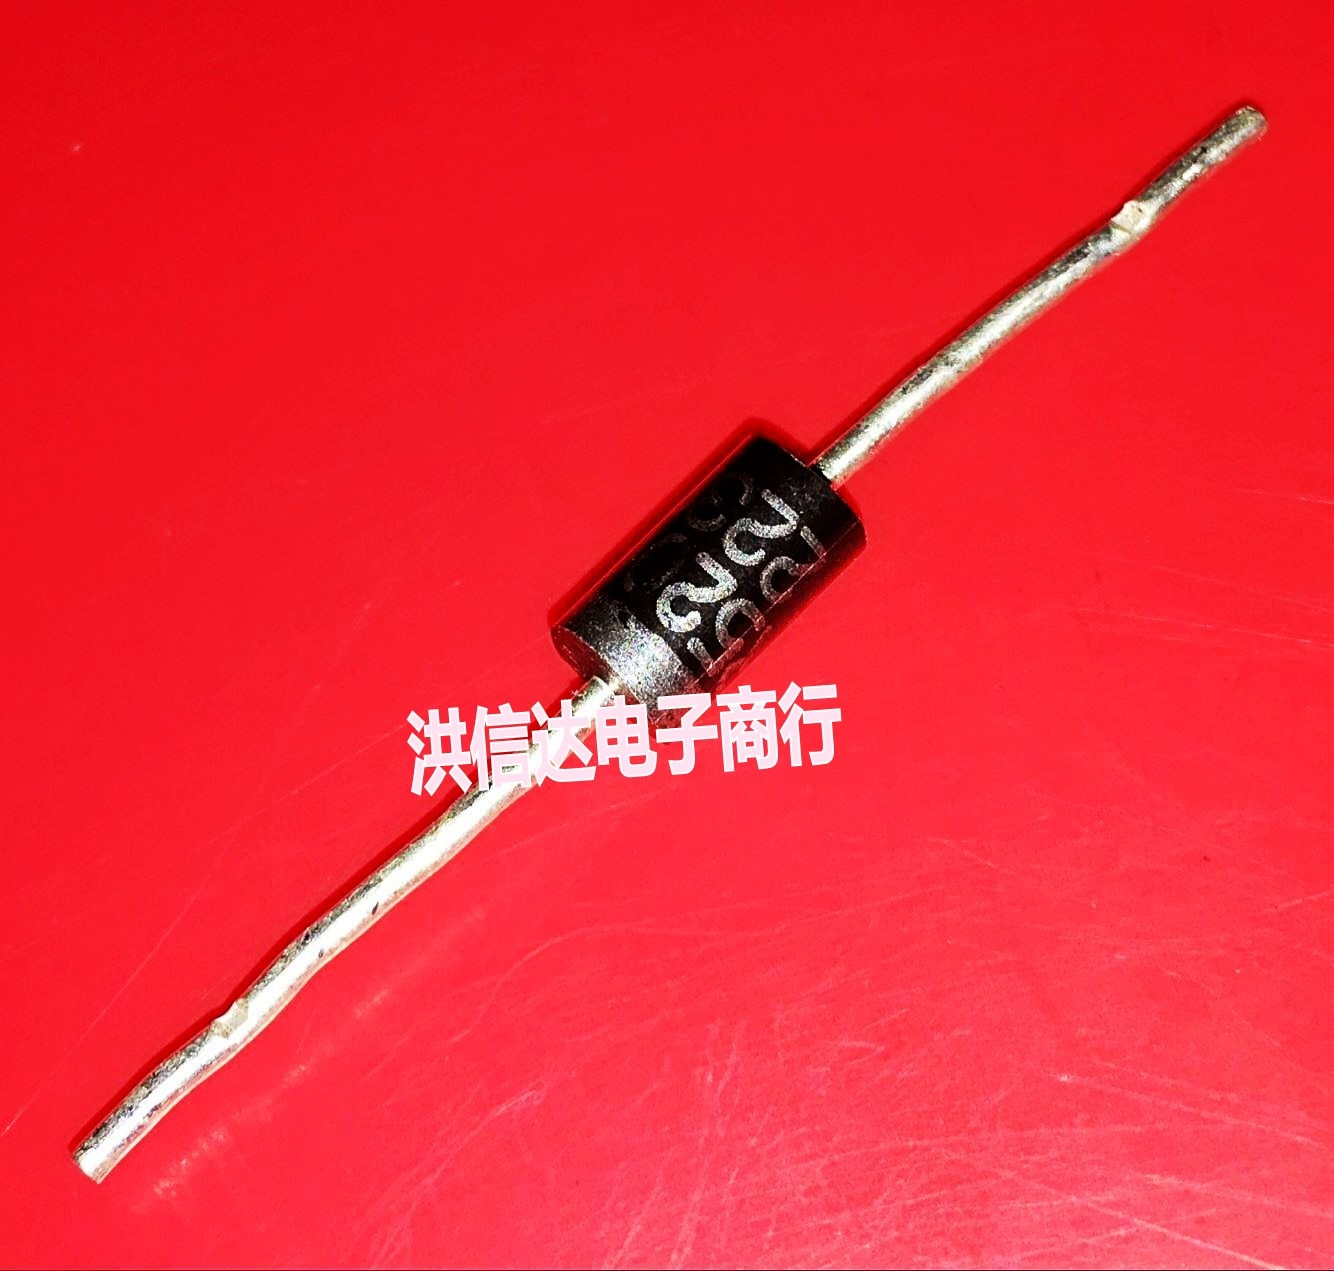 10 unids/lote SR5200 = SB5200 MBR5200 hacer-27 en Stock